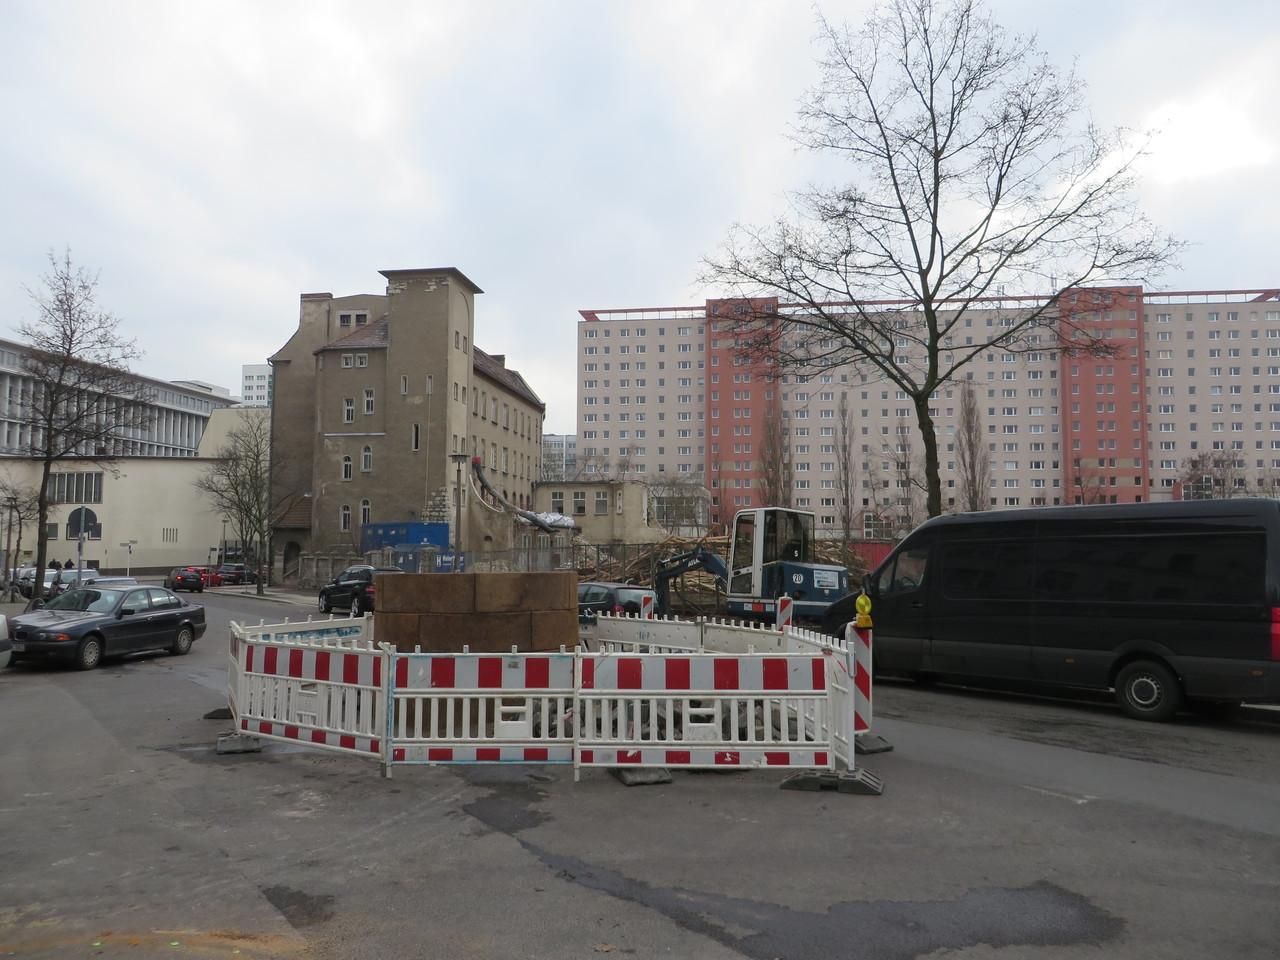 rathausstra e 12 howoge berliner architektur urbanistik. Black Bedroom Furniture Sets. Home Design Ideas